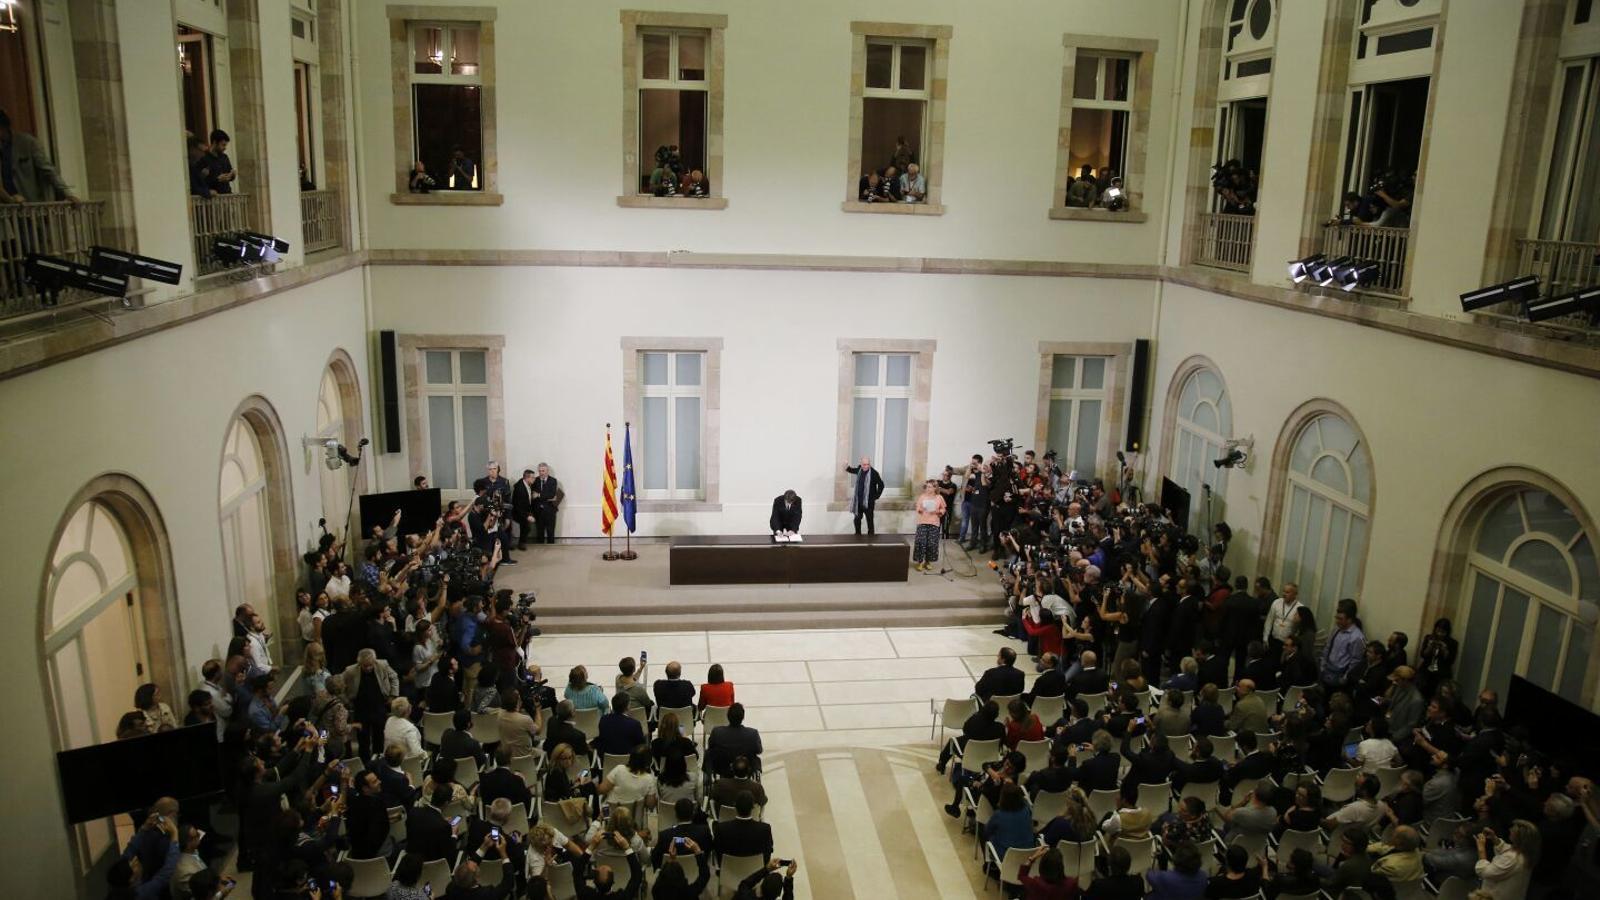 Carles Puigdemont signant la declaració d'independència a l'auditori del Parlament / CRISTINA CALDERER